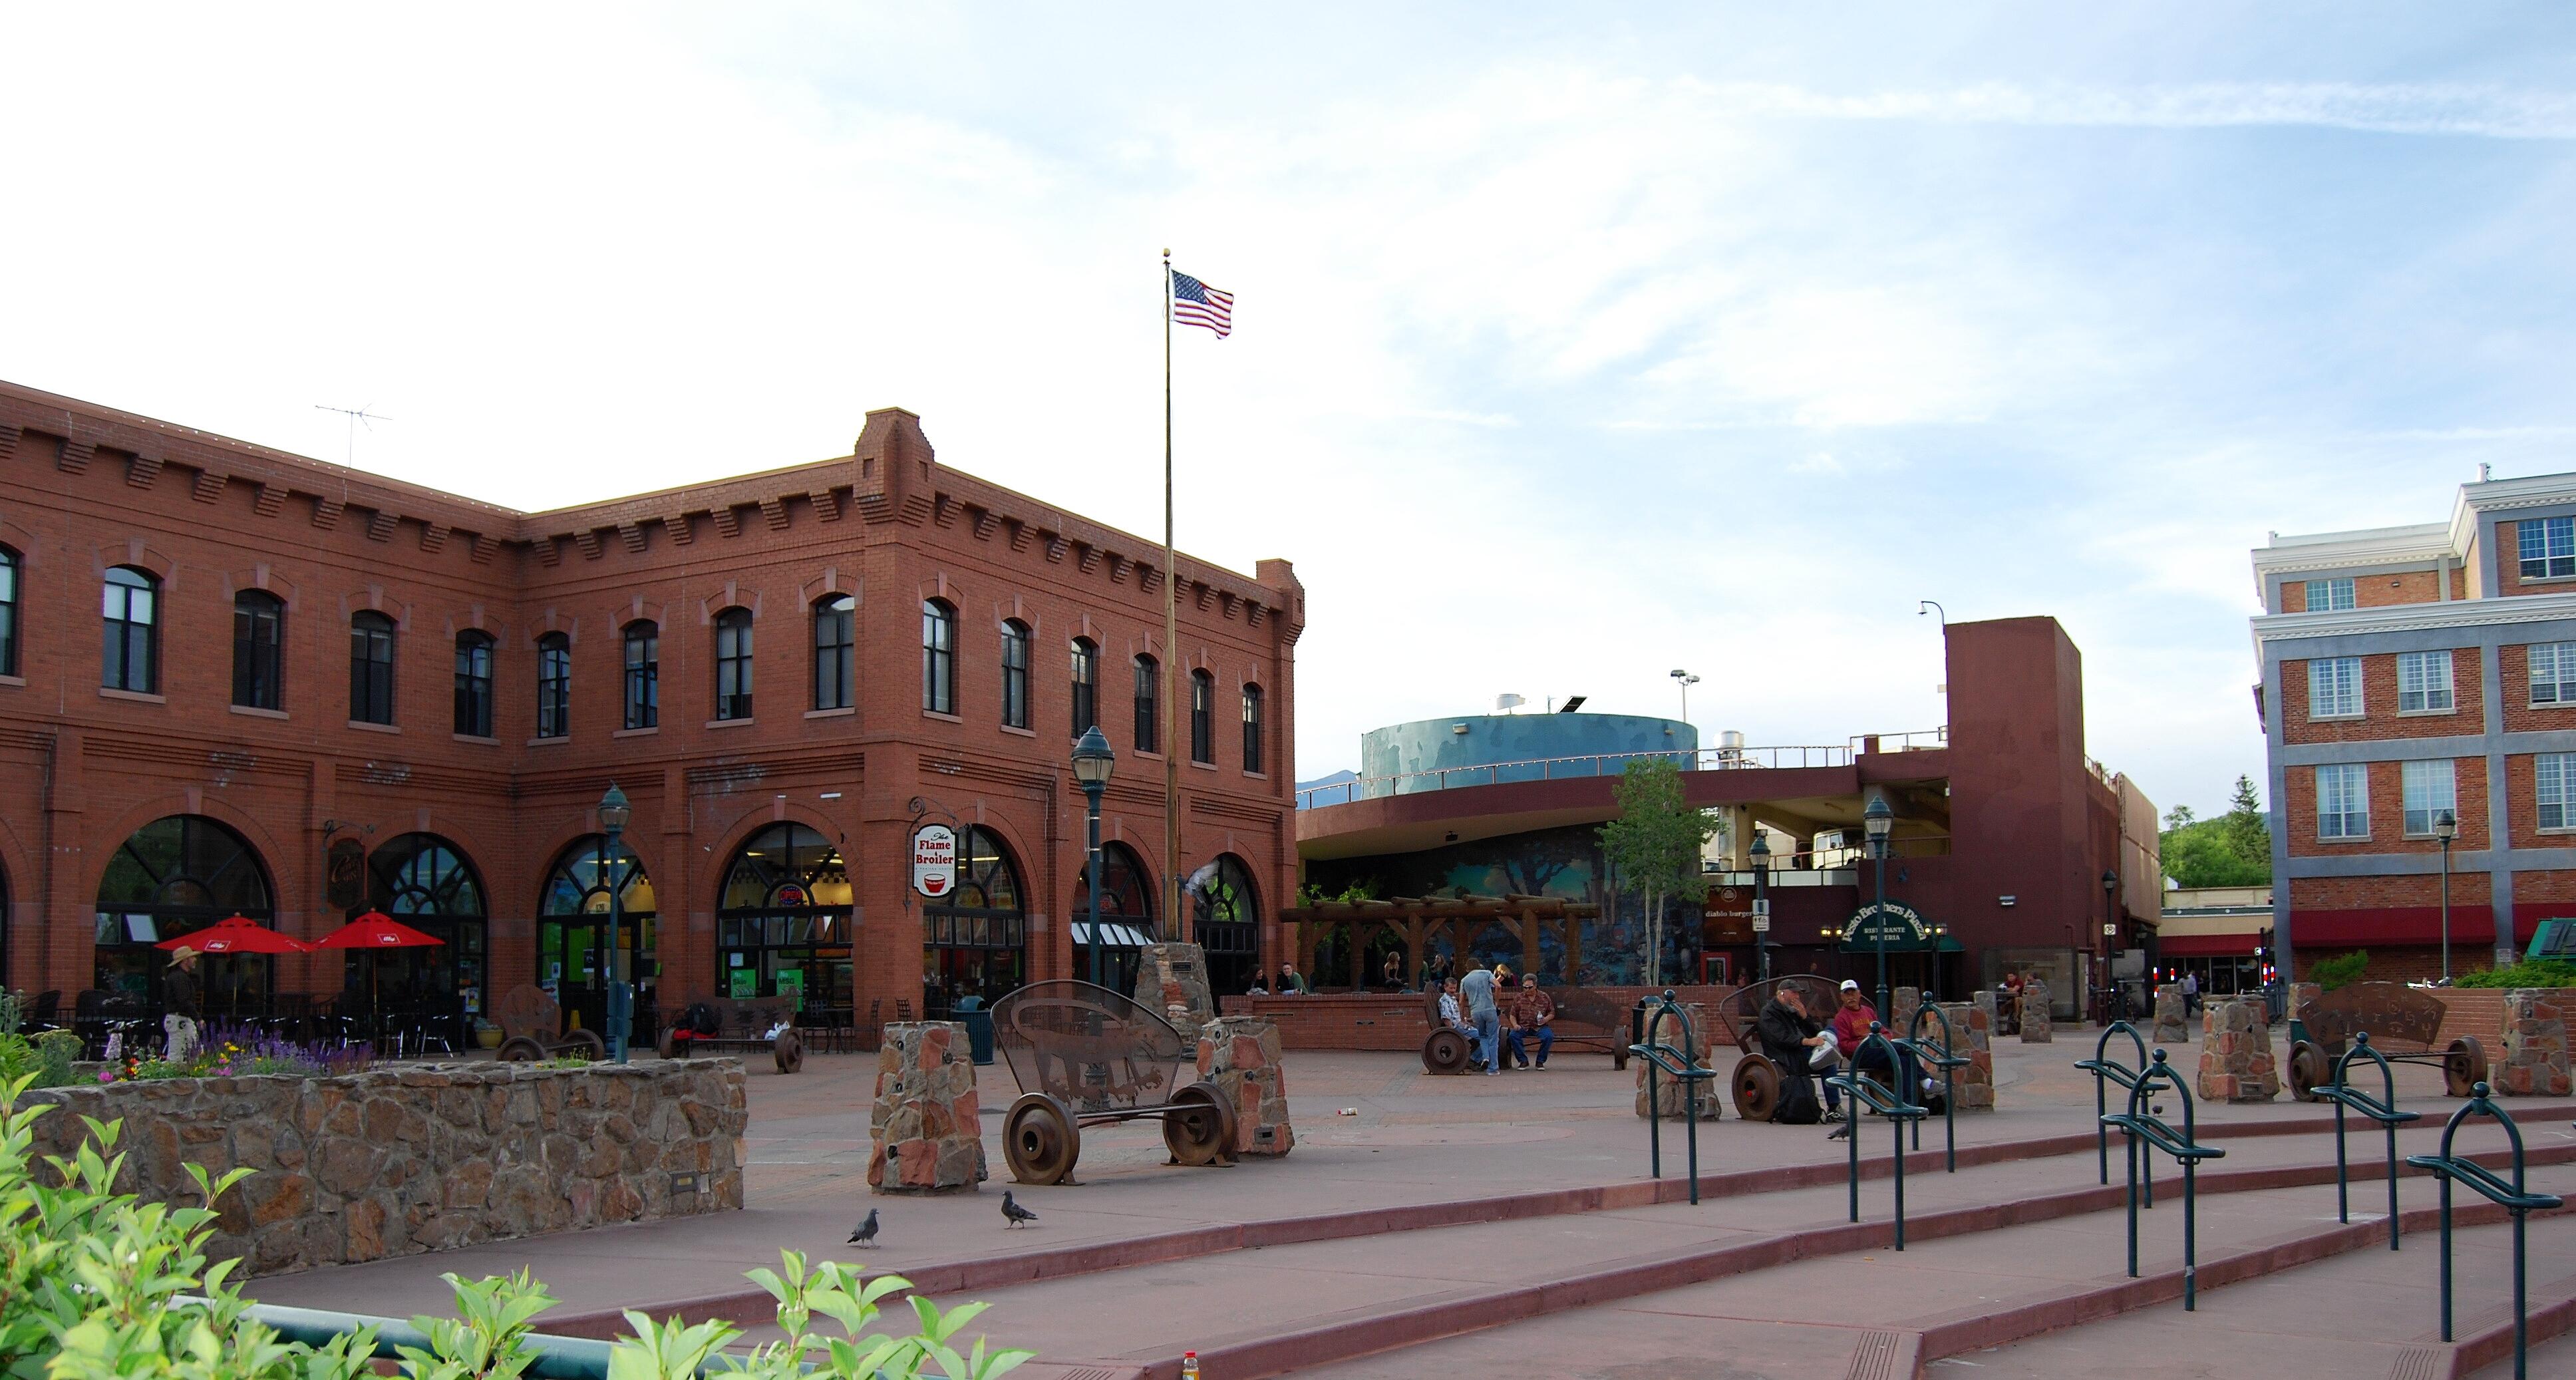 Flagstaff, Heritage Square - panoramio (cropped).jpg